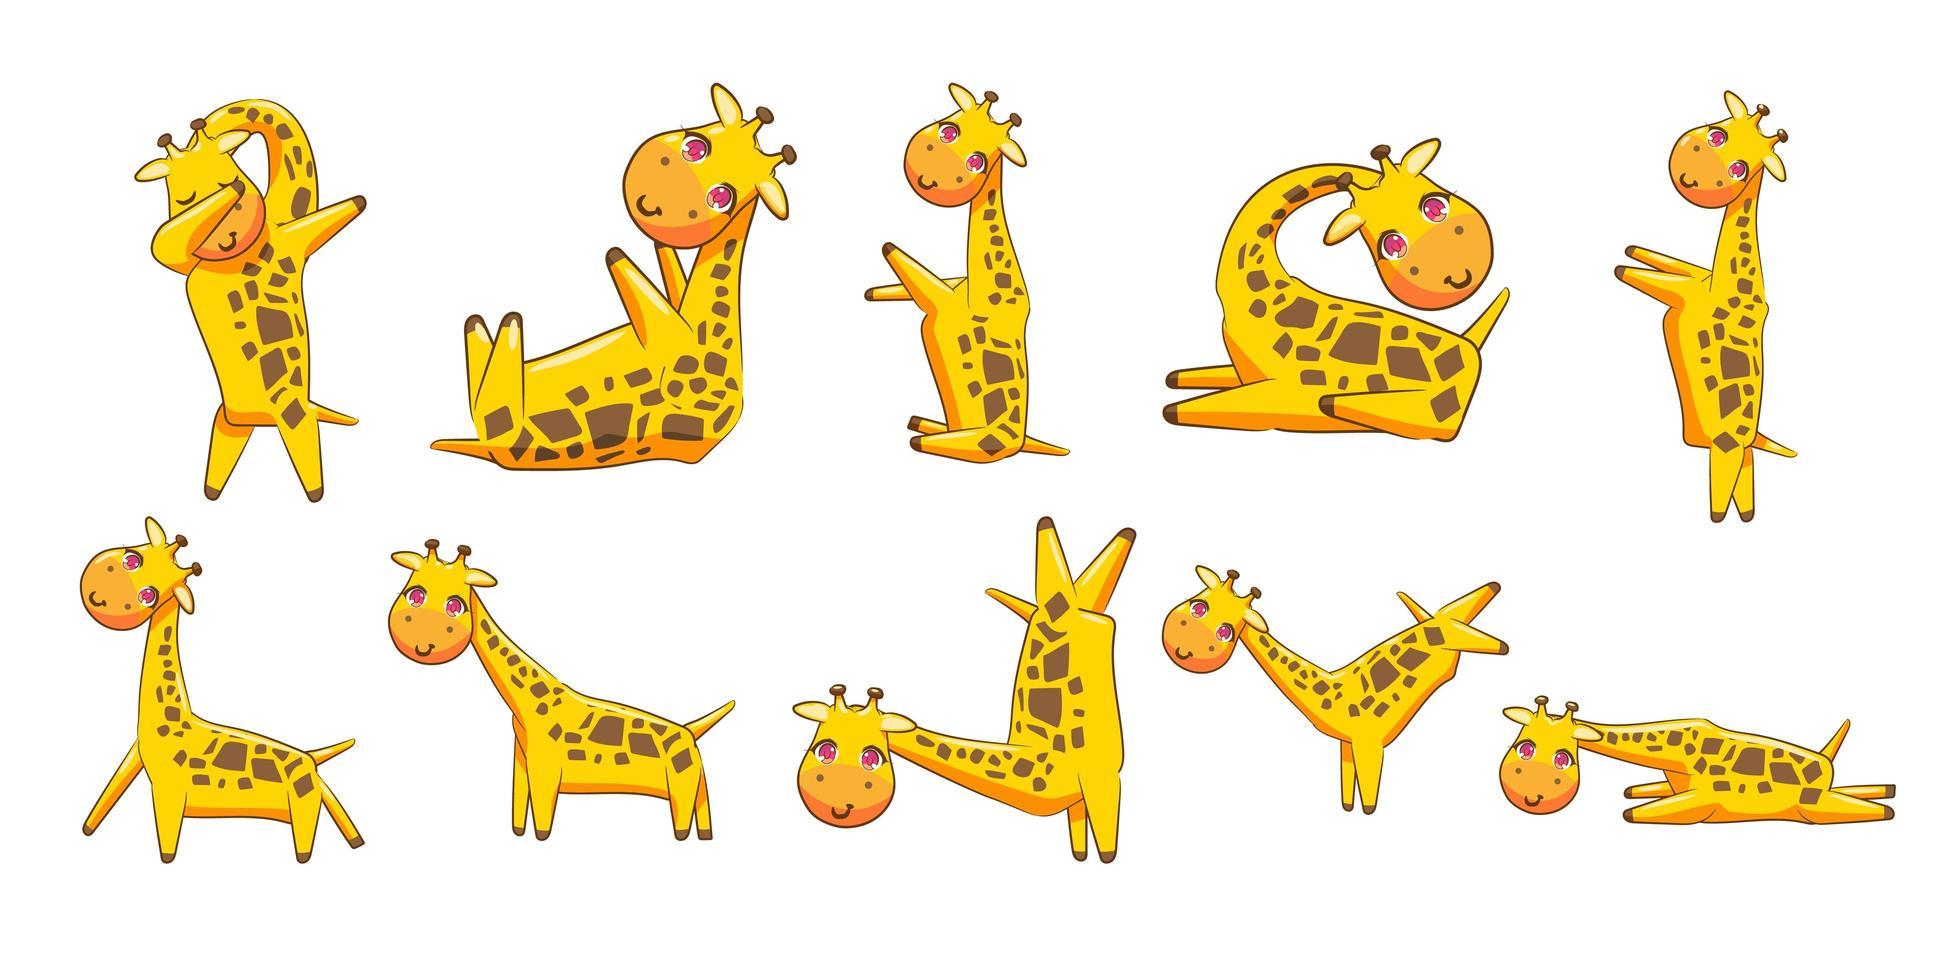 Jeu De Dessin Anime De Girafe Telecharger Vectoriel Gratuit Clipart Graphique Vecteur Dessins Et Pictogramme Gratuit